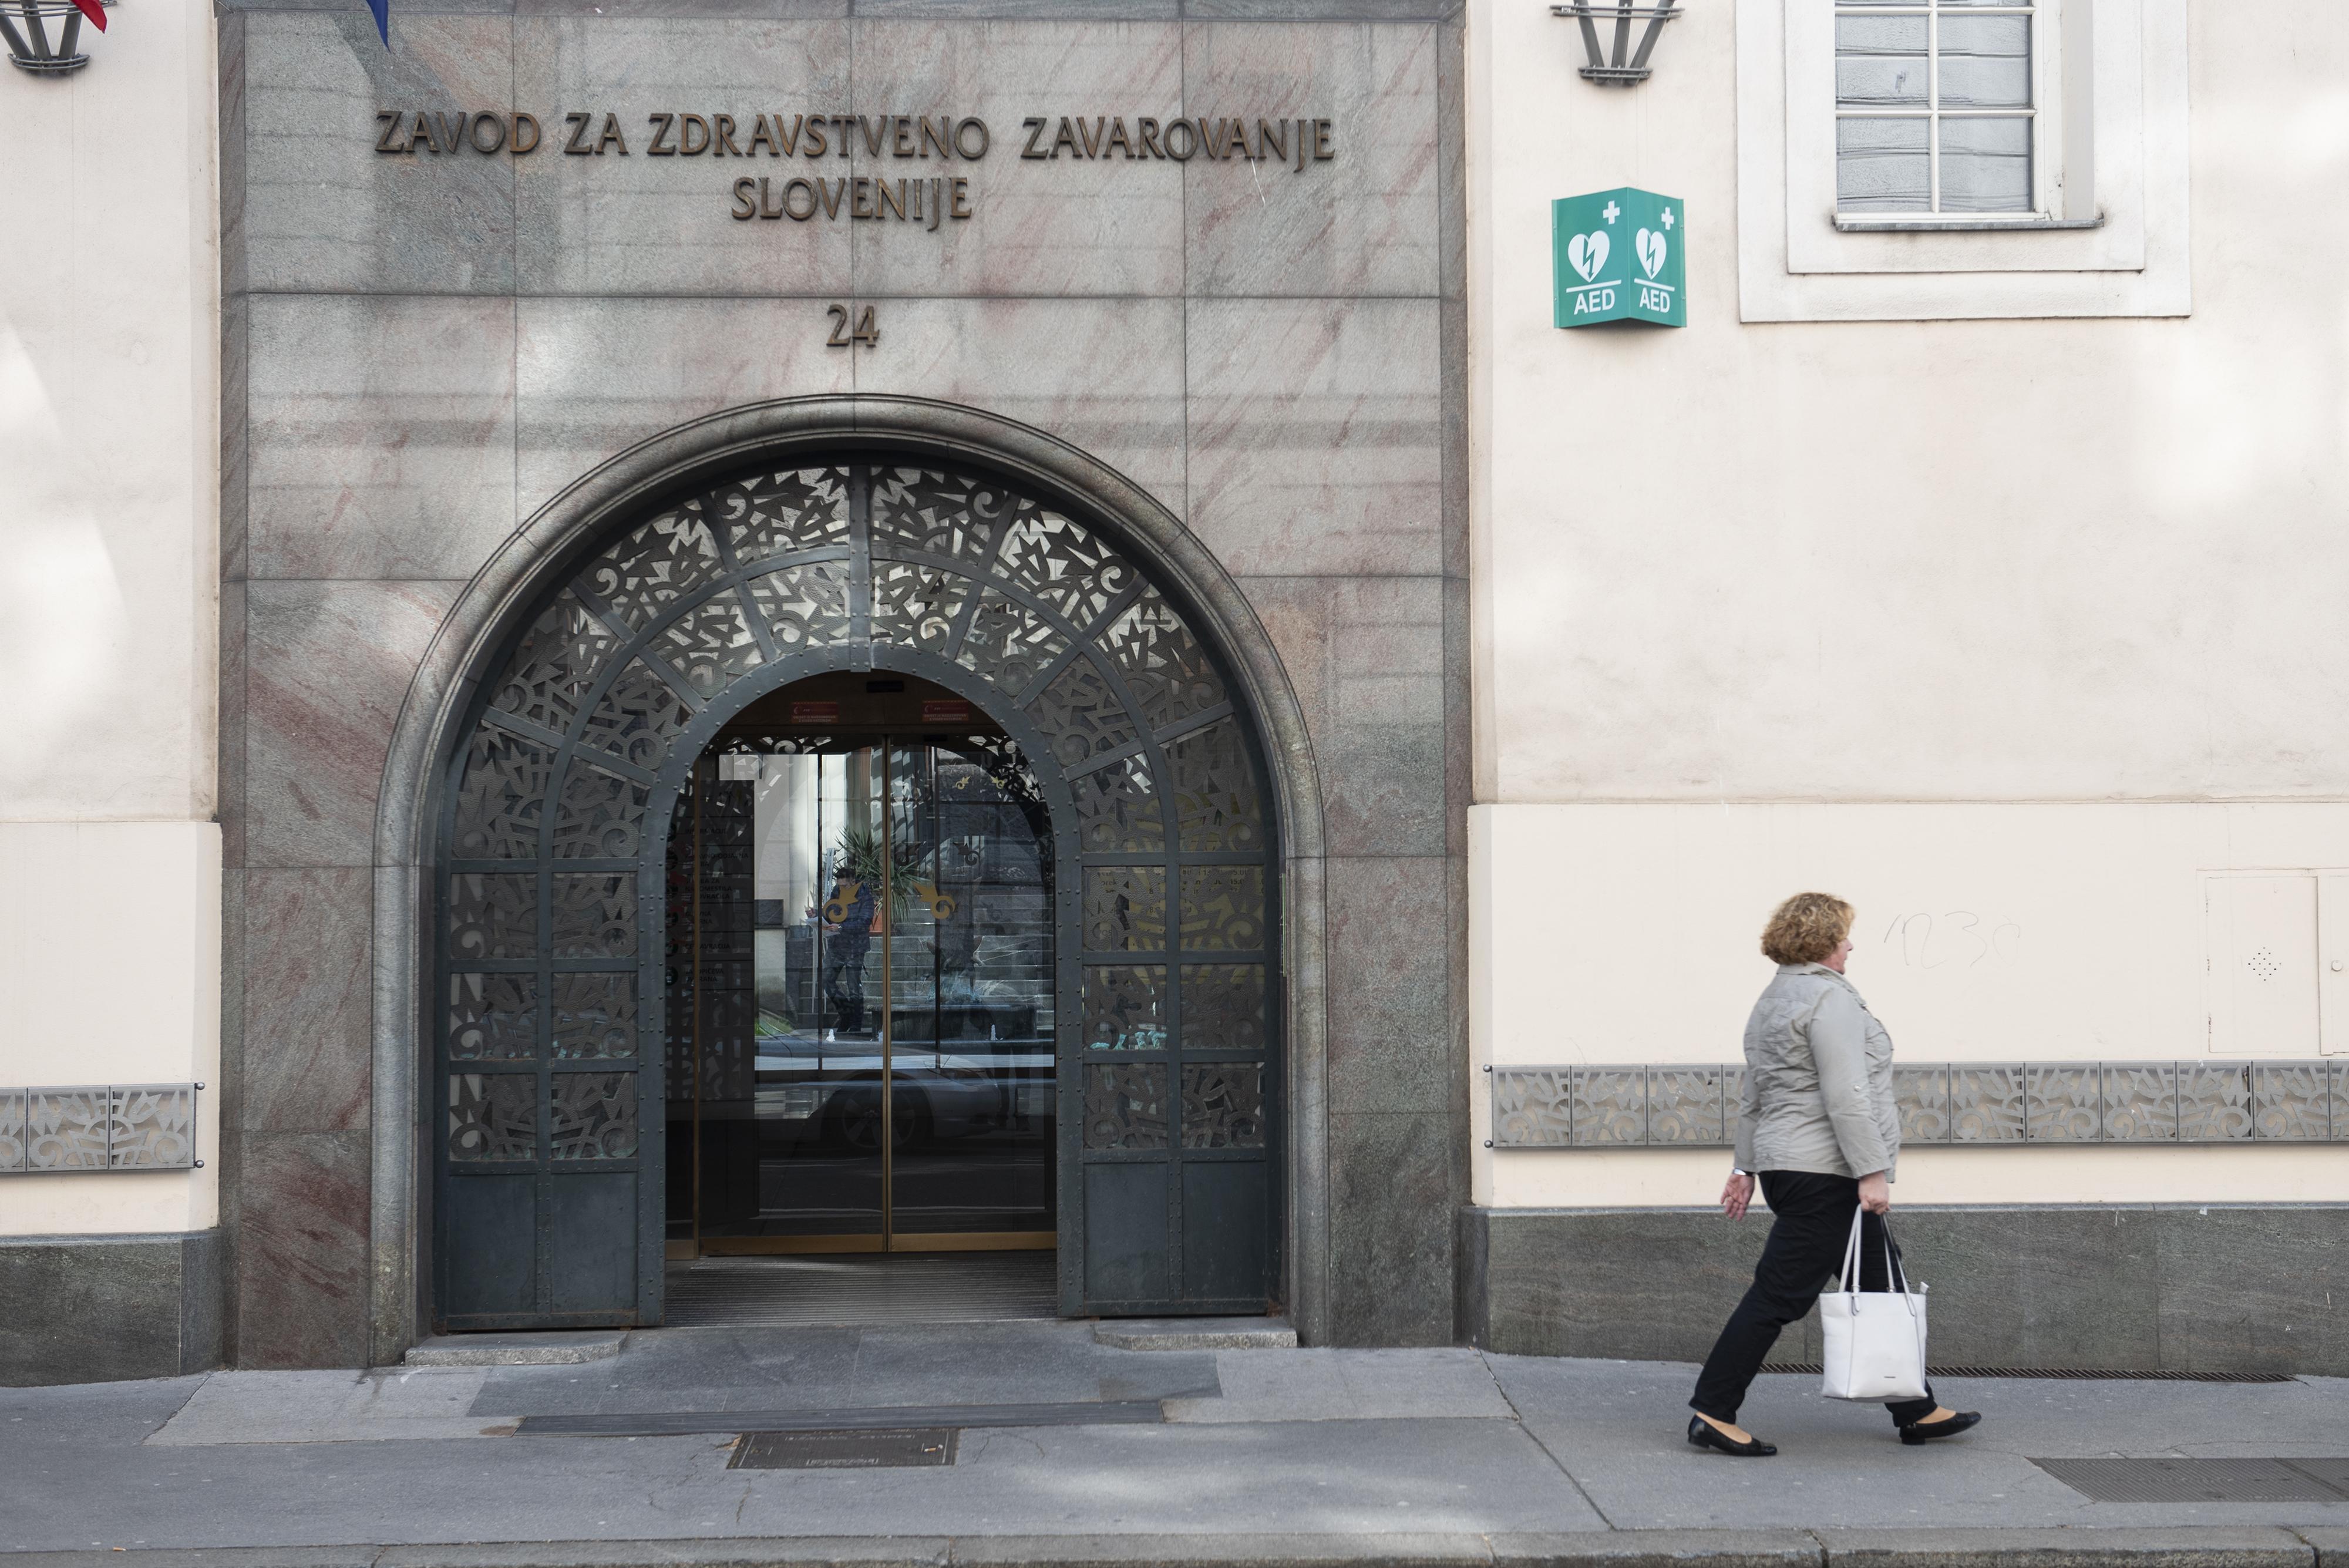 Zdravstveni lobiji zopet odpirajo šampanjce. ZZZS bo na letni ravni dobila dodatnih 527 milijon evrov. (foto: STA)